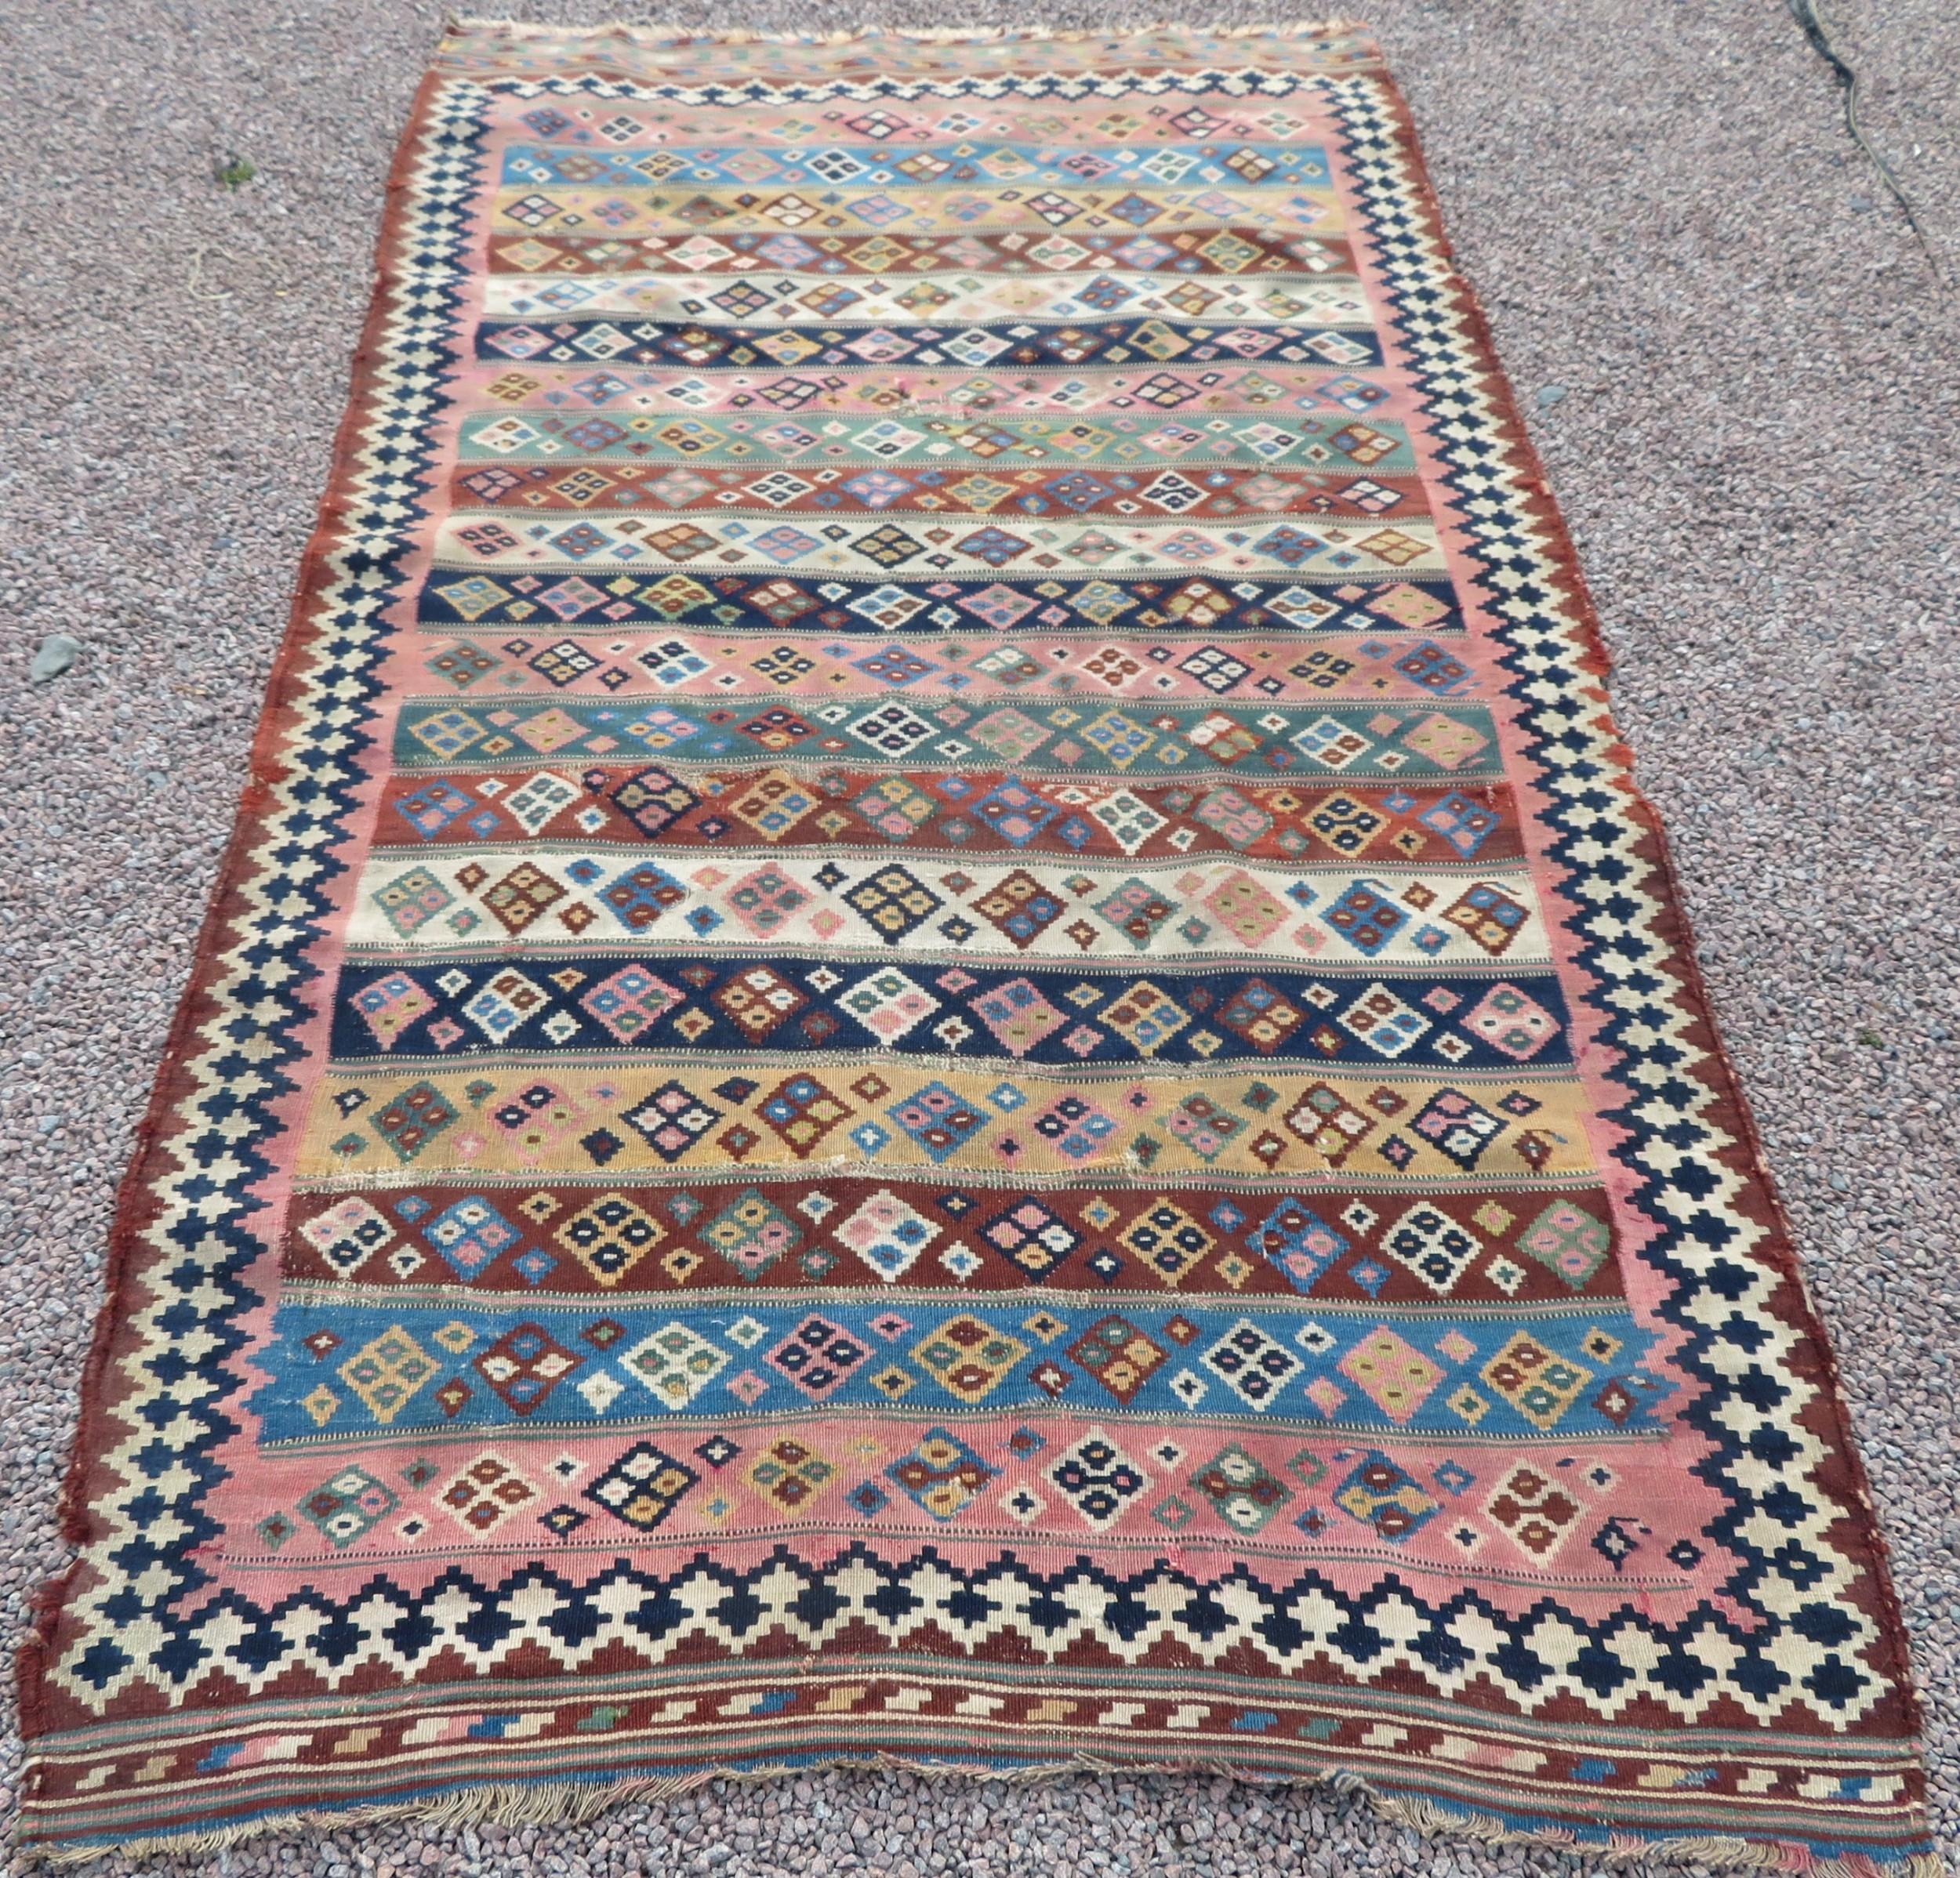 antique country house shabby chic qashqai flat weave kilim kelim rug 264cm x 170cm distressed